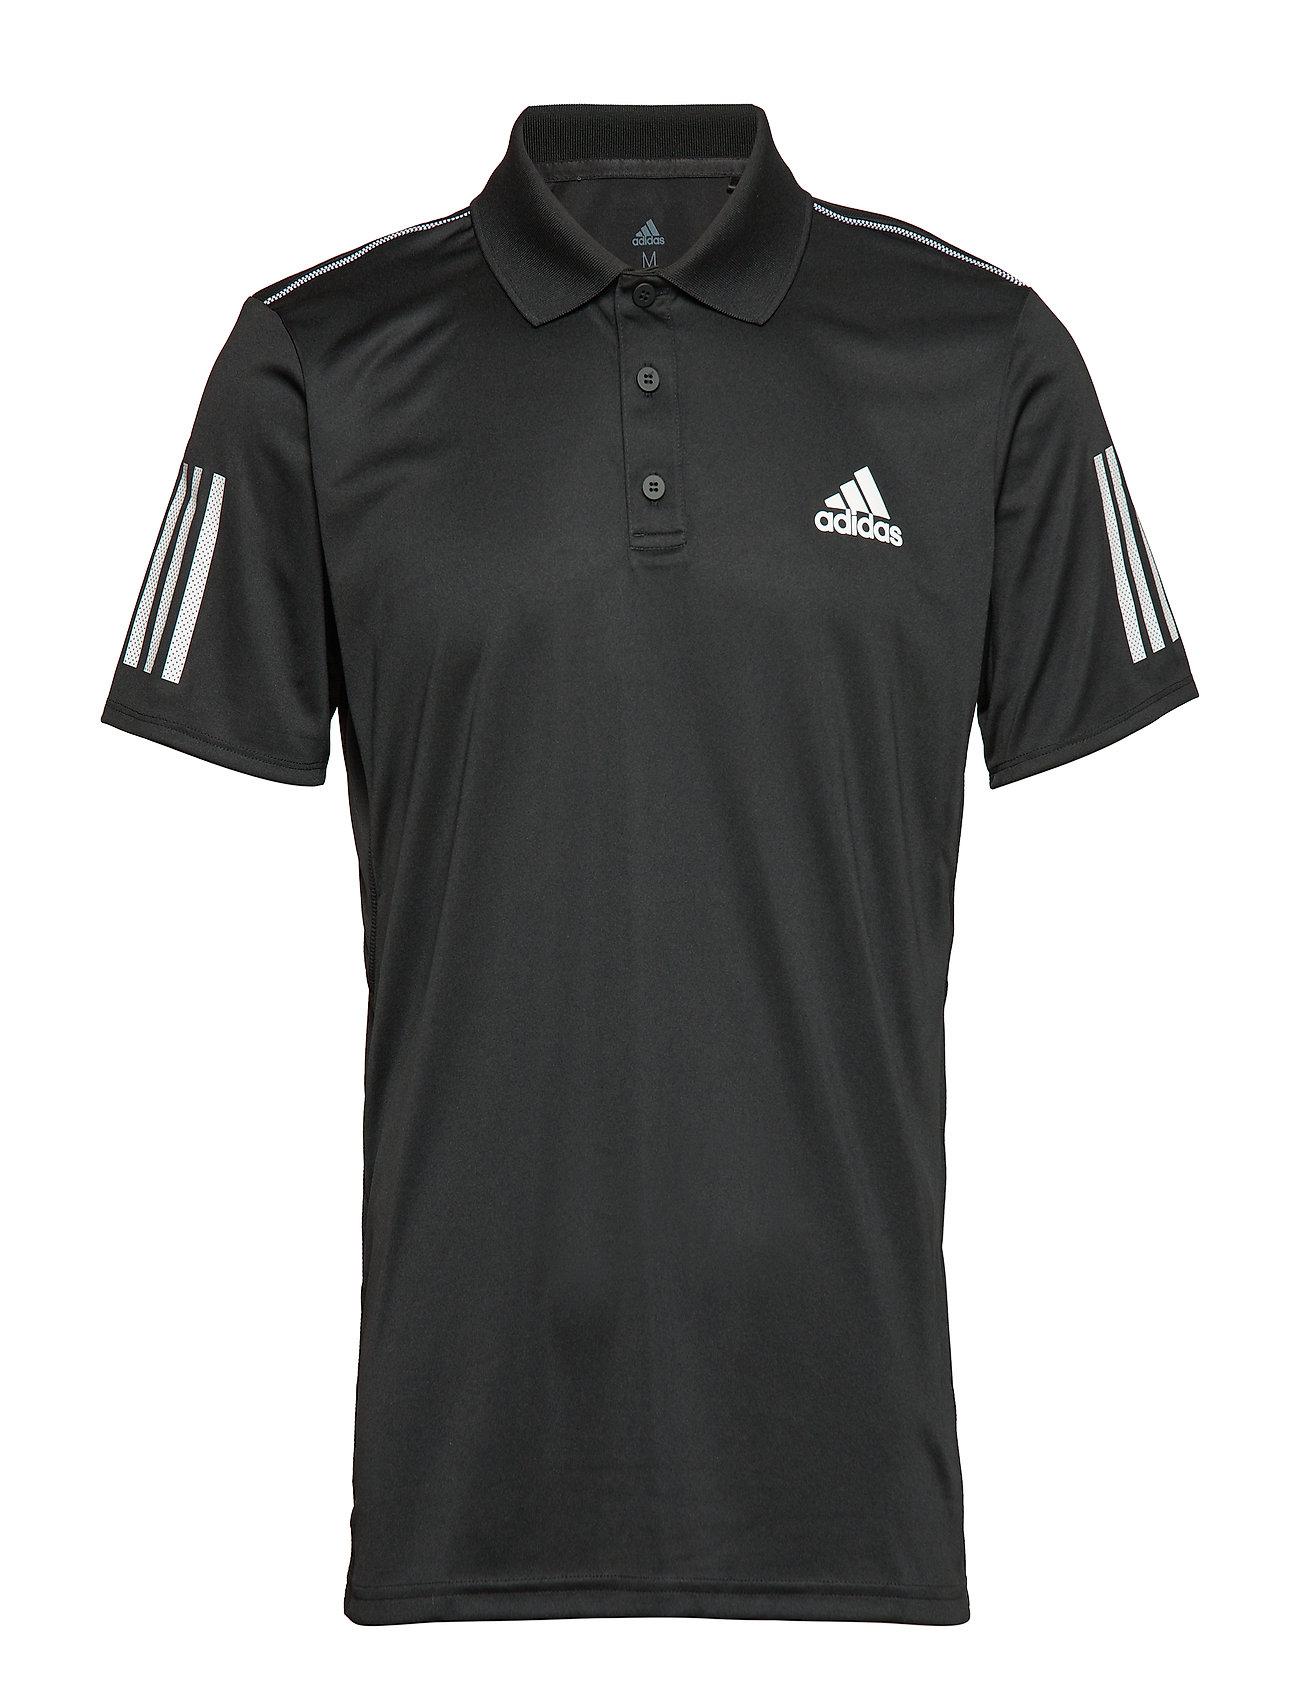 adidas Tennis CLUB 3 STRIPES POLO M - BLACK